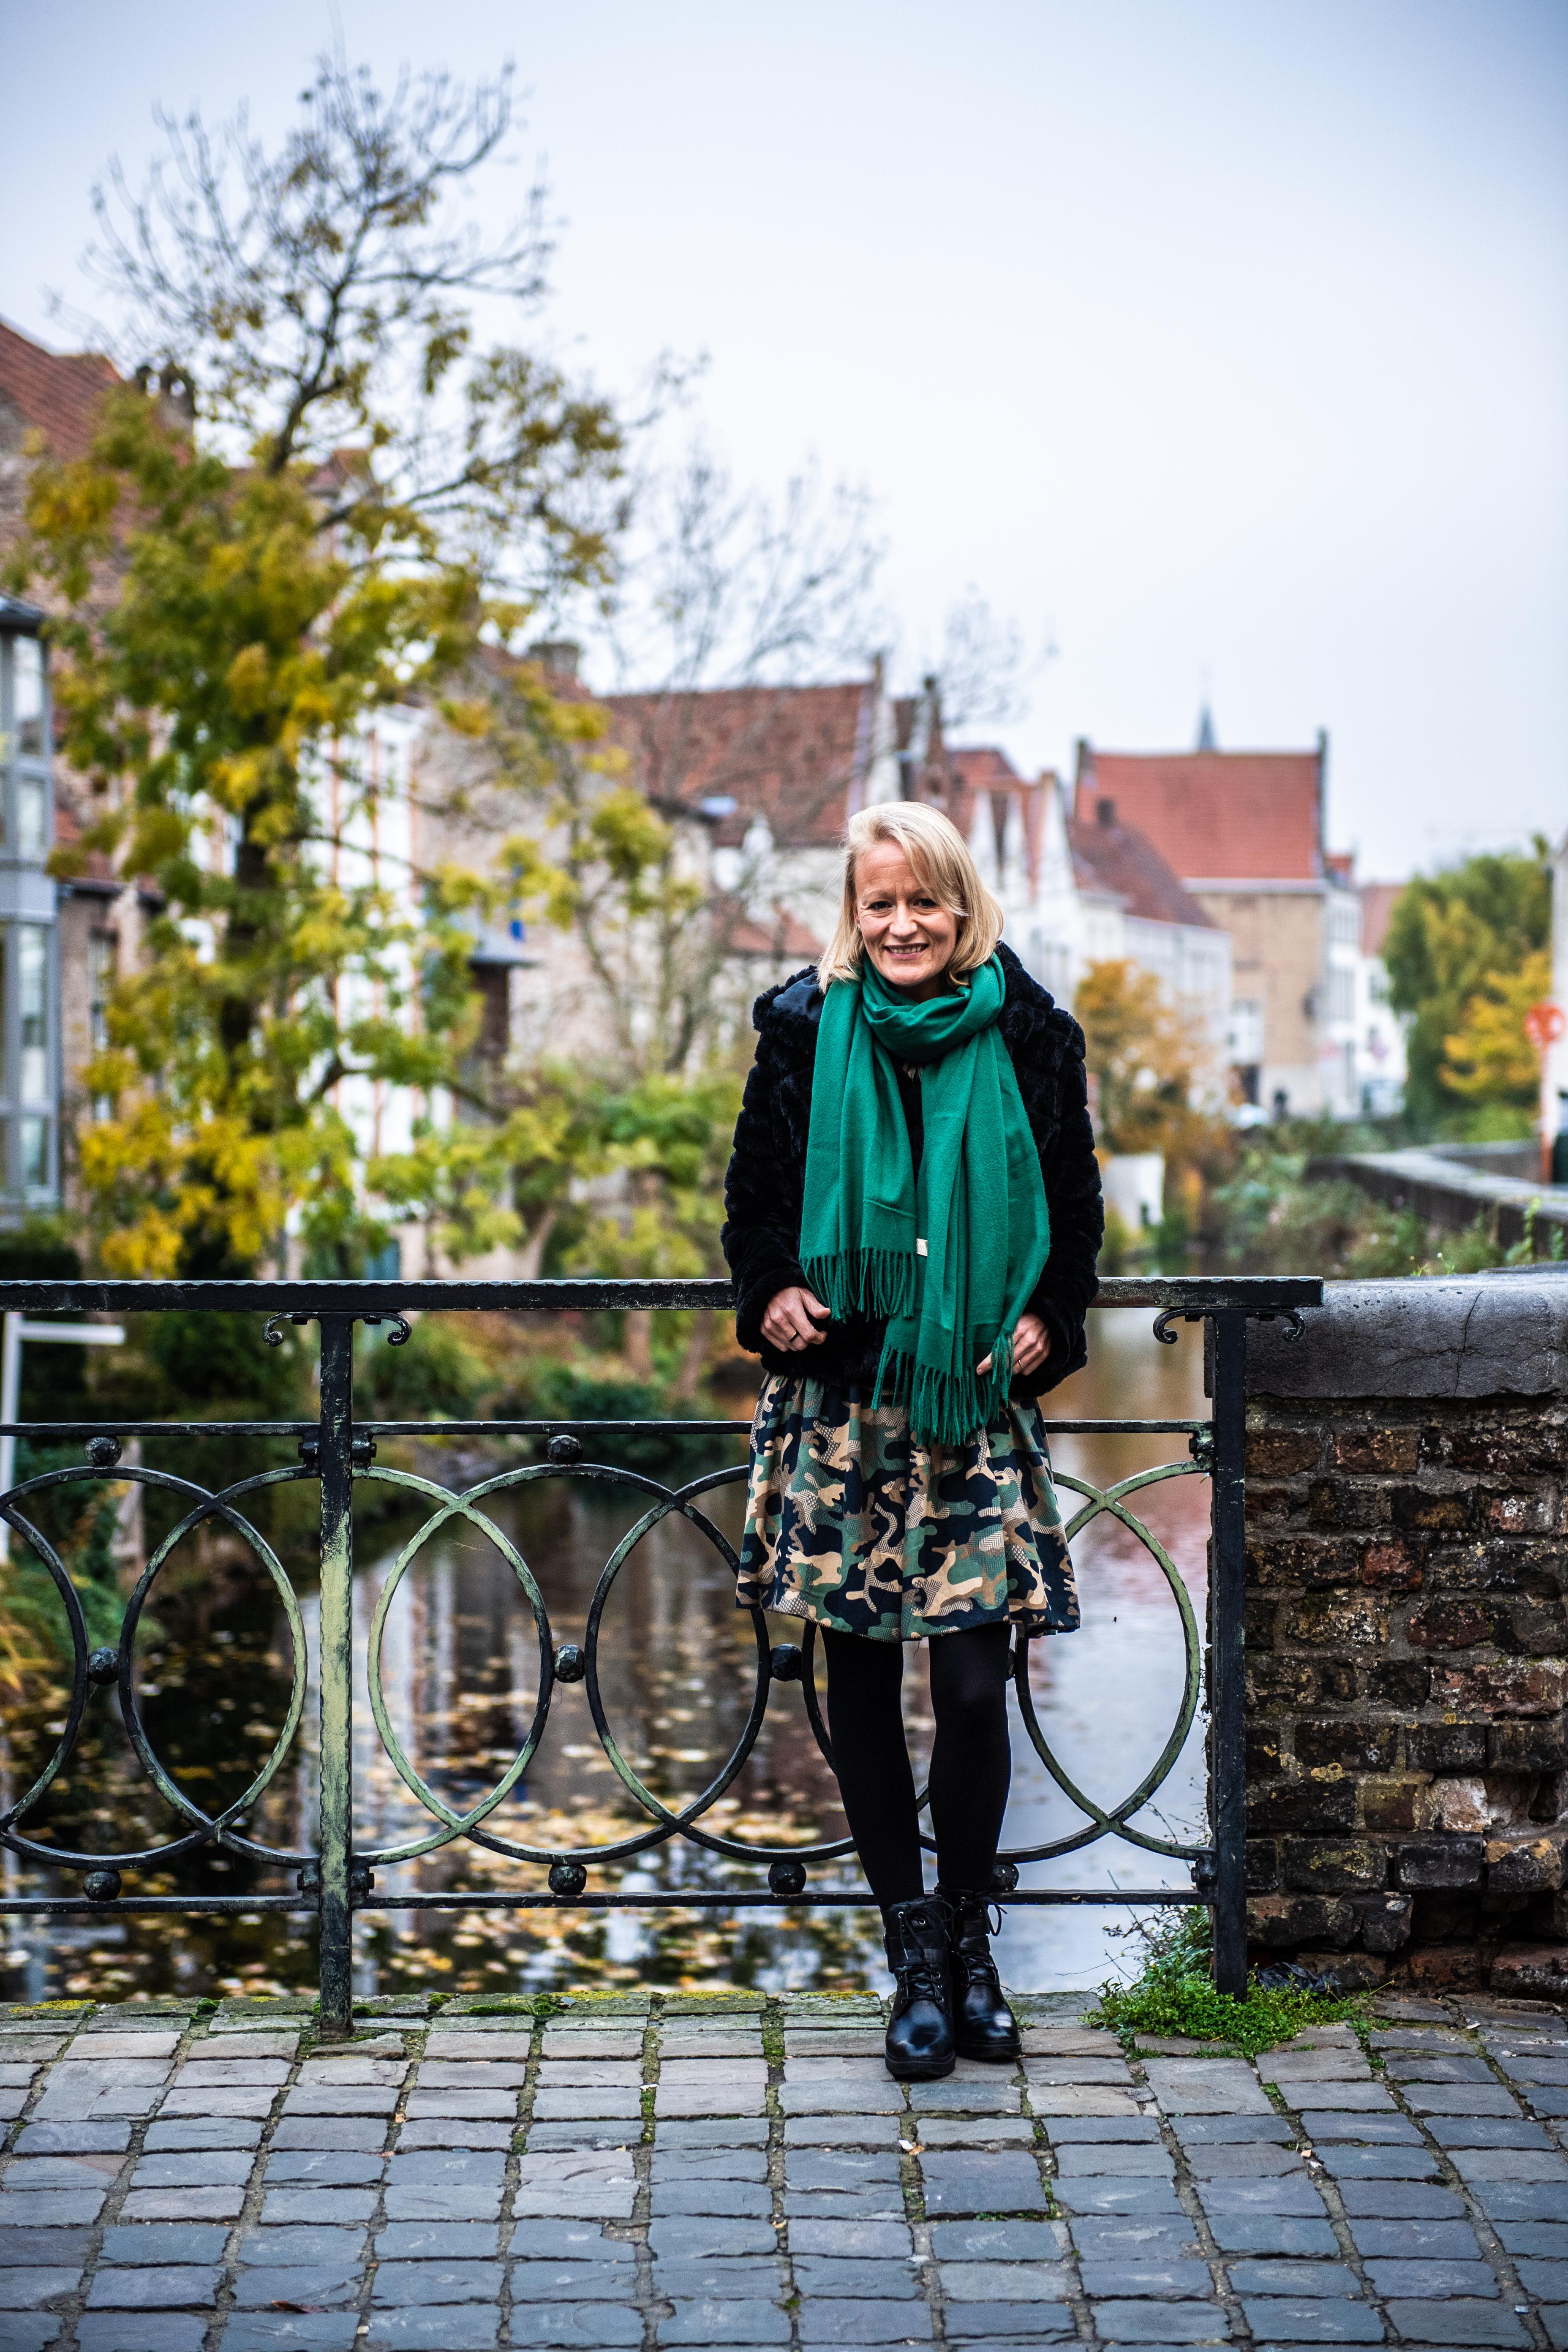 BRUXELLES,  Julie Bocquet La Fille Cachee De Claude François.GOLINVAUX MATHIEU./SOIRMAG